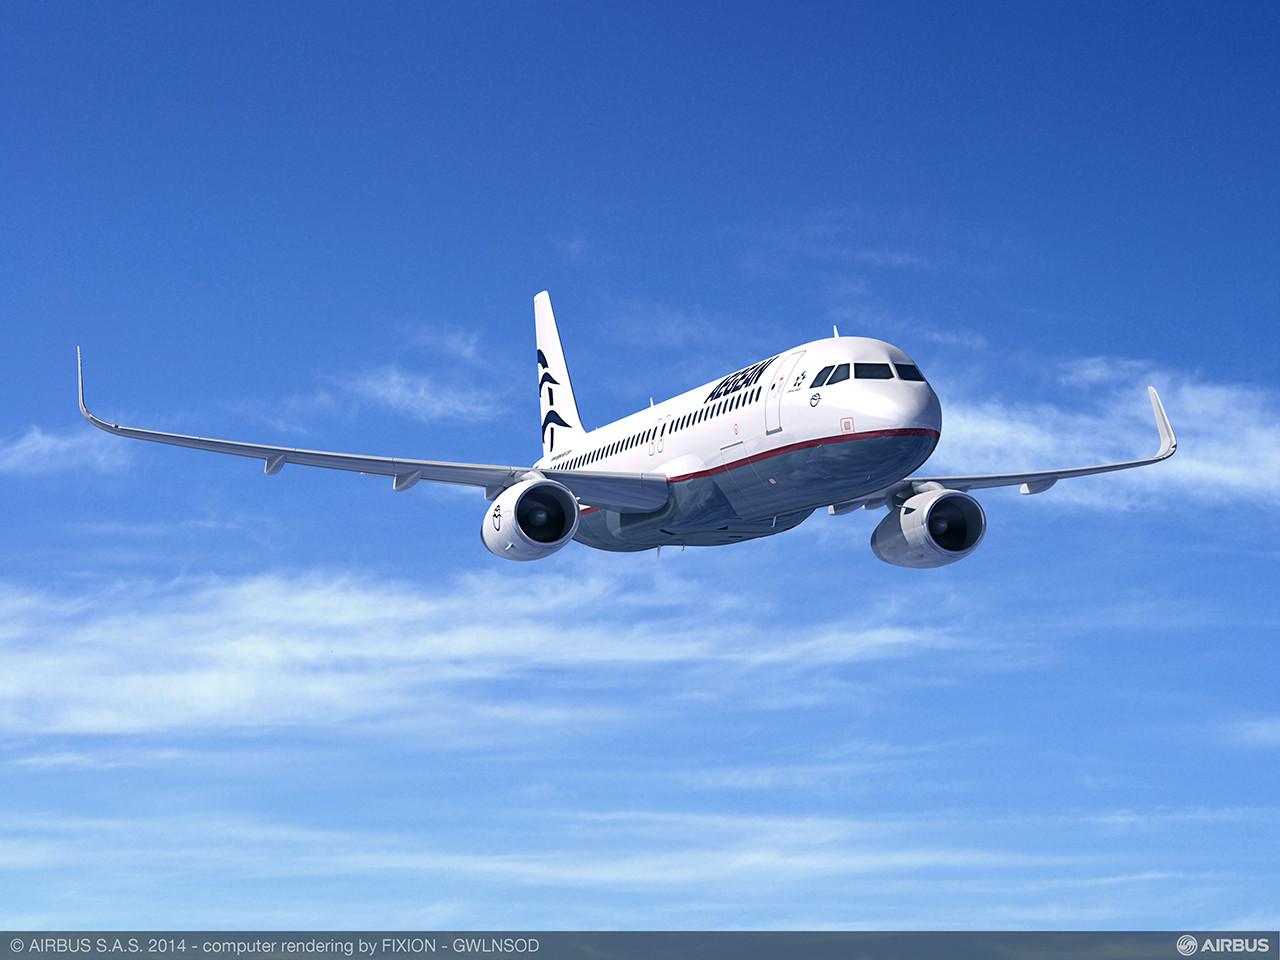 Az Airbus látványterve a sharklet szárnyvégekkel felszerelt Aegean Airlines Airbus A320-asról. (Forrás Airbus) | © AIRportal.hu